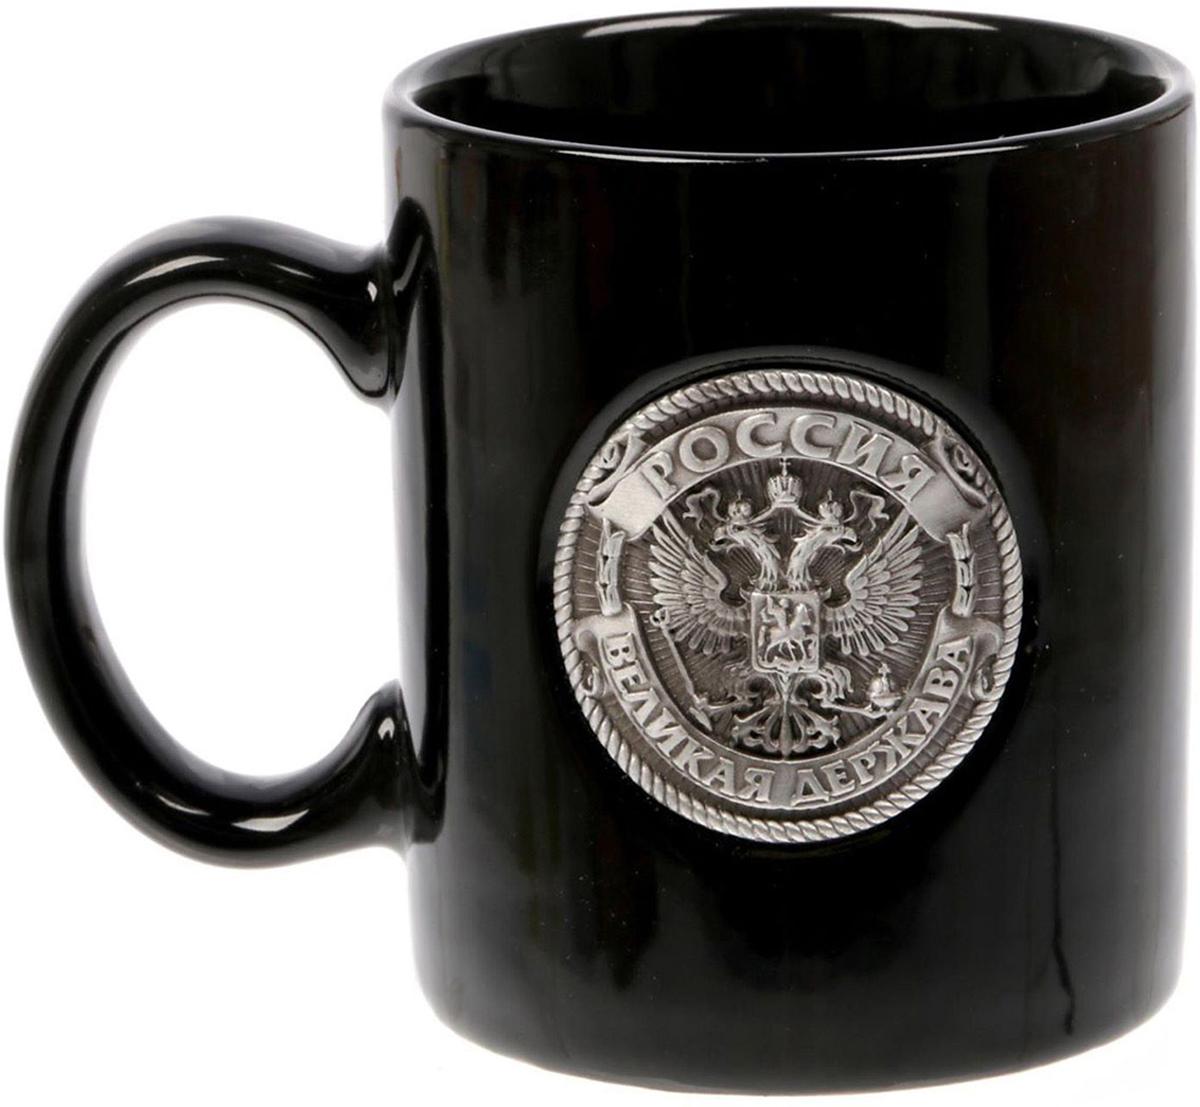 Кружка Sima-Land Россия, 300 мл. 15076731507673Разберись с жаждой по-мужски! Авторский дизайн, оригинальный декор, оптимальный объем - отличительные черты этой кружки. Налейте в нее горячий свежезаваренный кофе или крепкий ароматный чай, и каждый глоток будет сокрушительным ударом по врагам: сонливости, вялости и апатии! Изделие упаковано в подарочную картонную коробку.